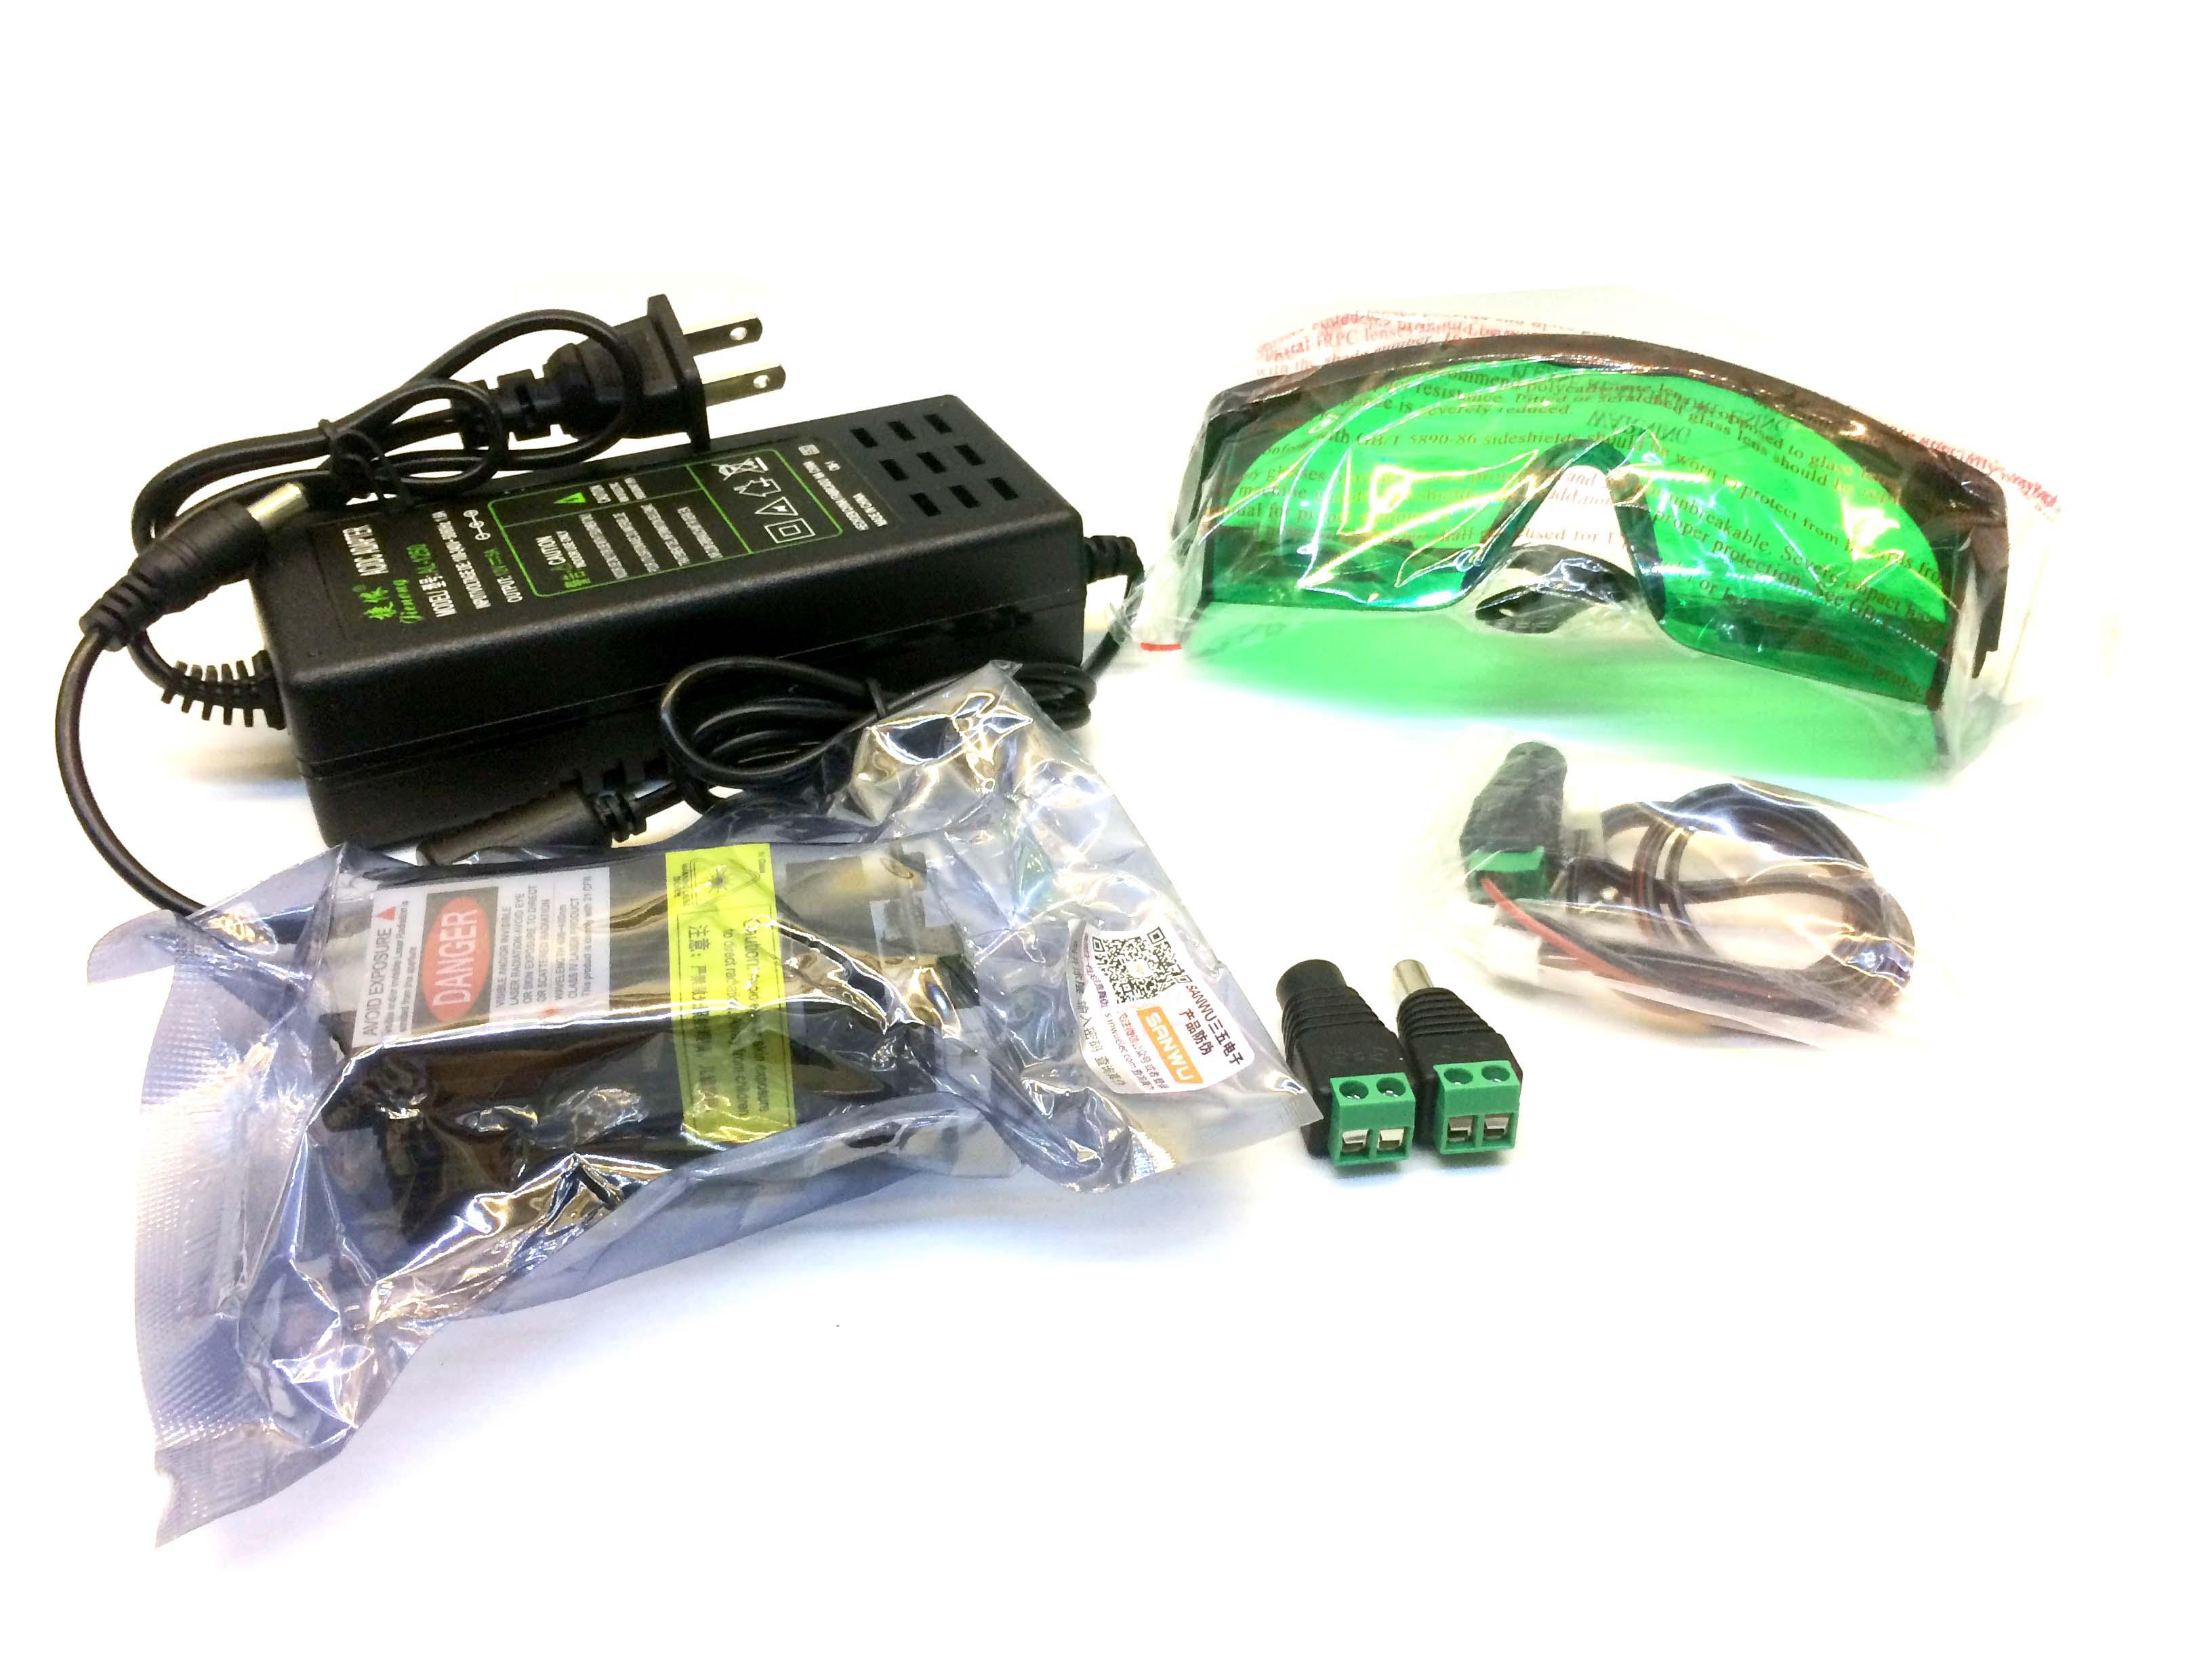 Bộ đầu laser 500mw